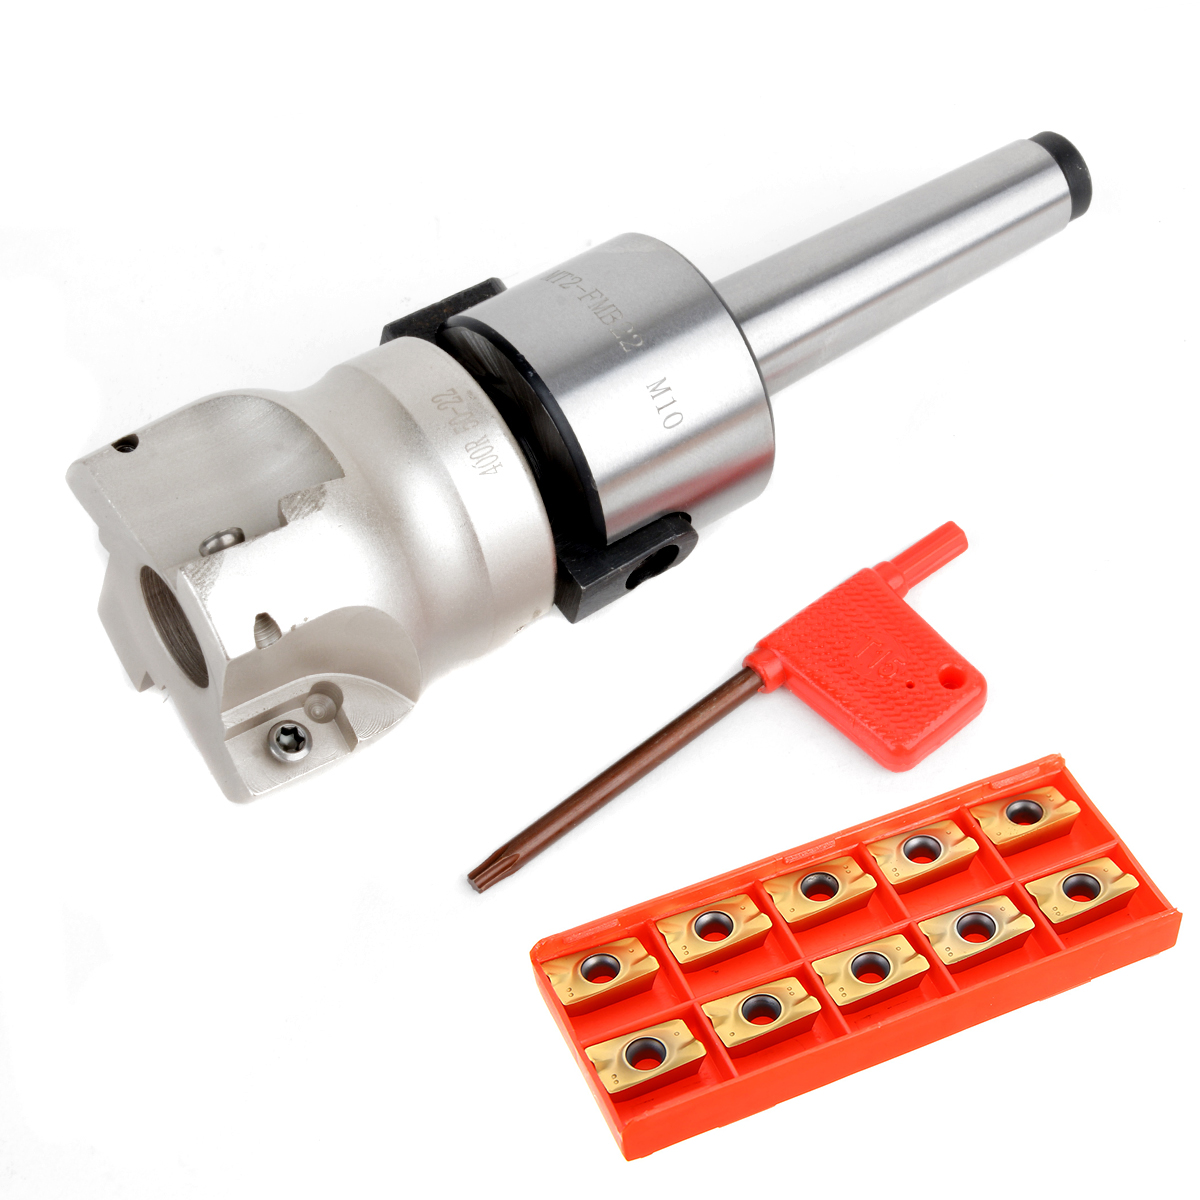 1 セット金属フライスカッターツール MT2 400R 50 ミリメートル顔エンドミルカッター + 10 ピース APMT1604 超硬インサートとレンチスパナ  グループ上の ツール からの フライスカッター の中 2